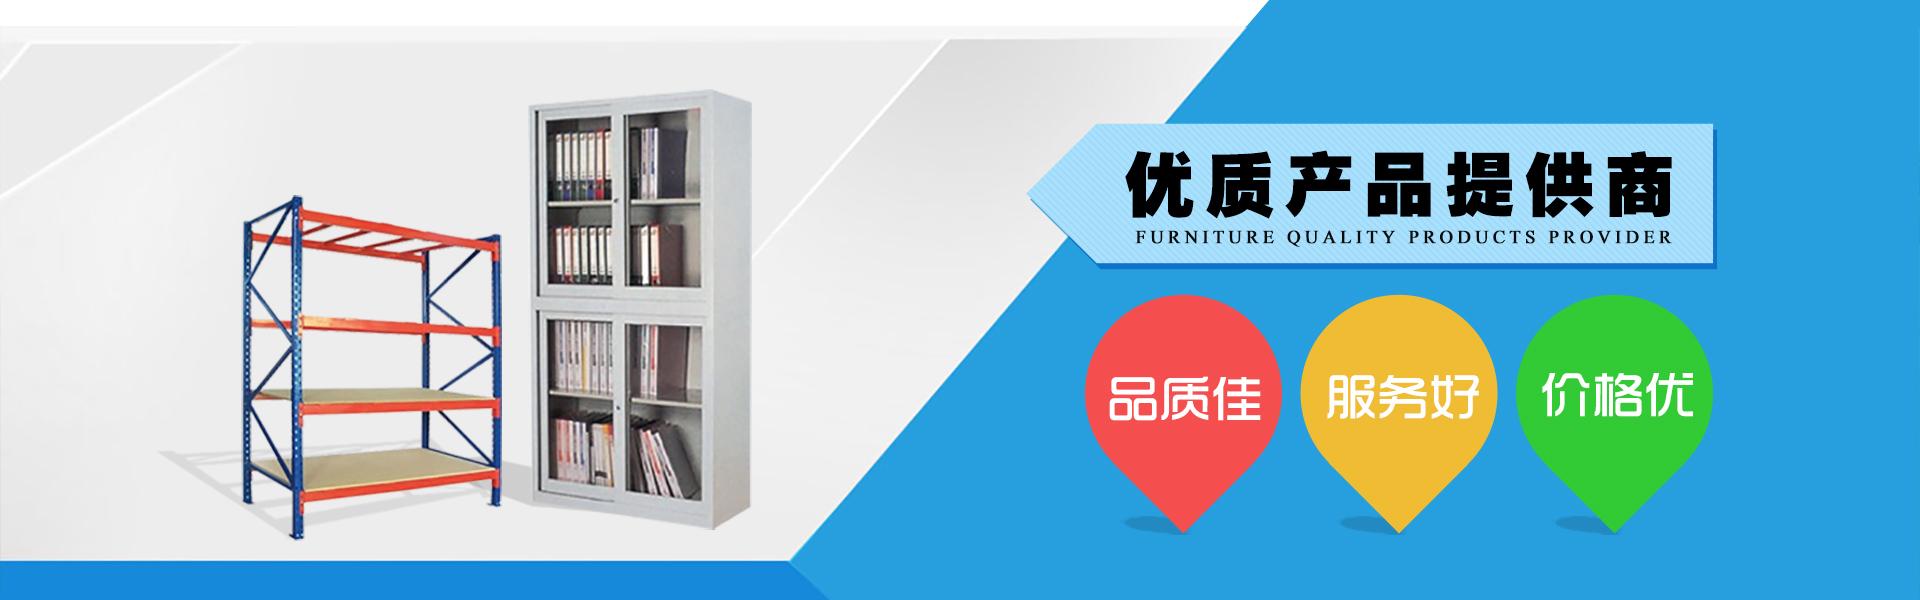 货架_书柜_洛阳元九办公家具